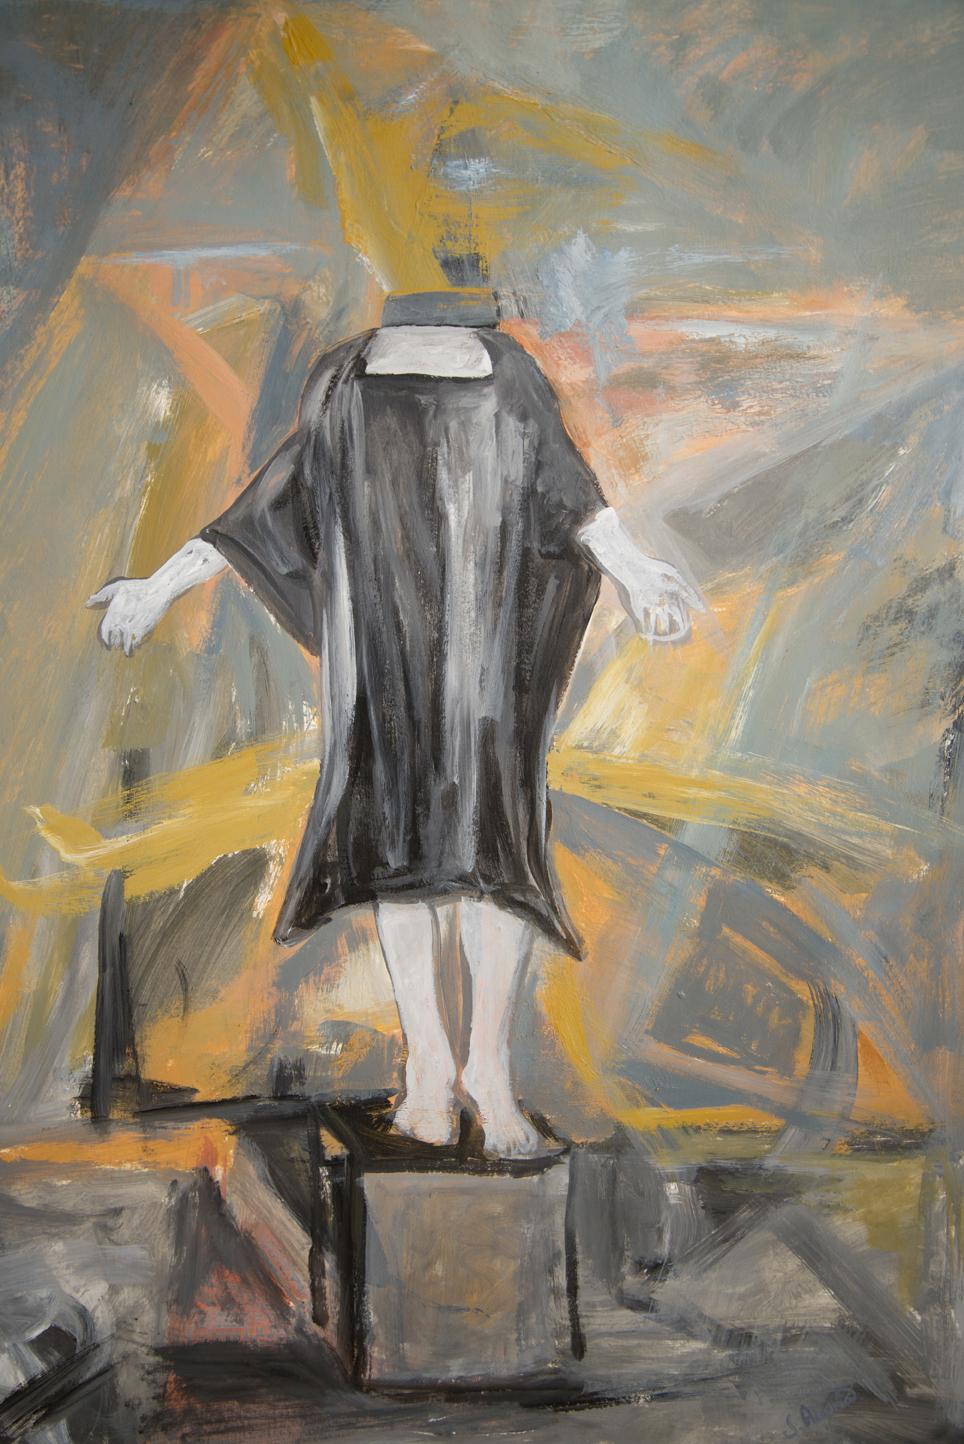 War Prisoner 1, 2004